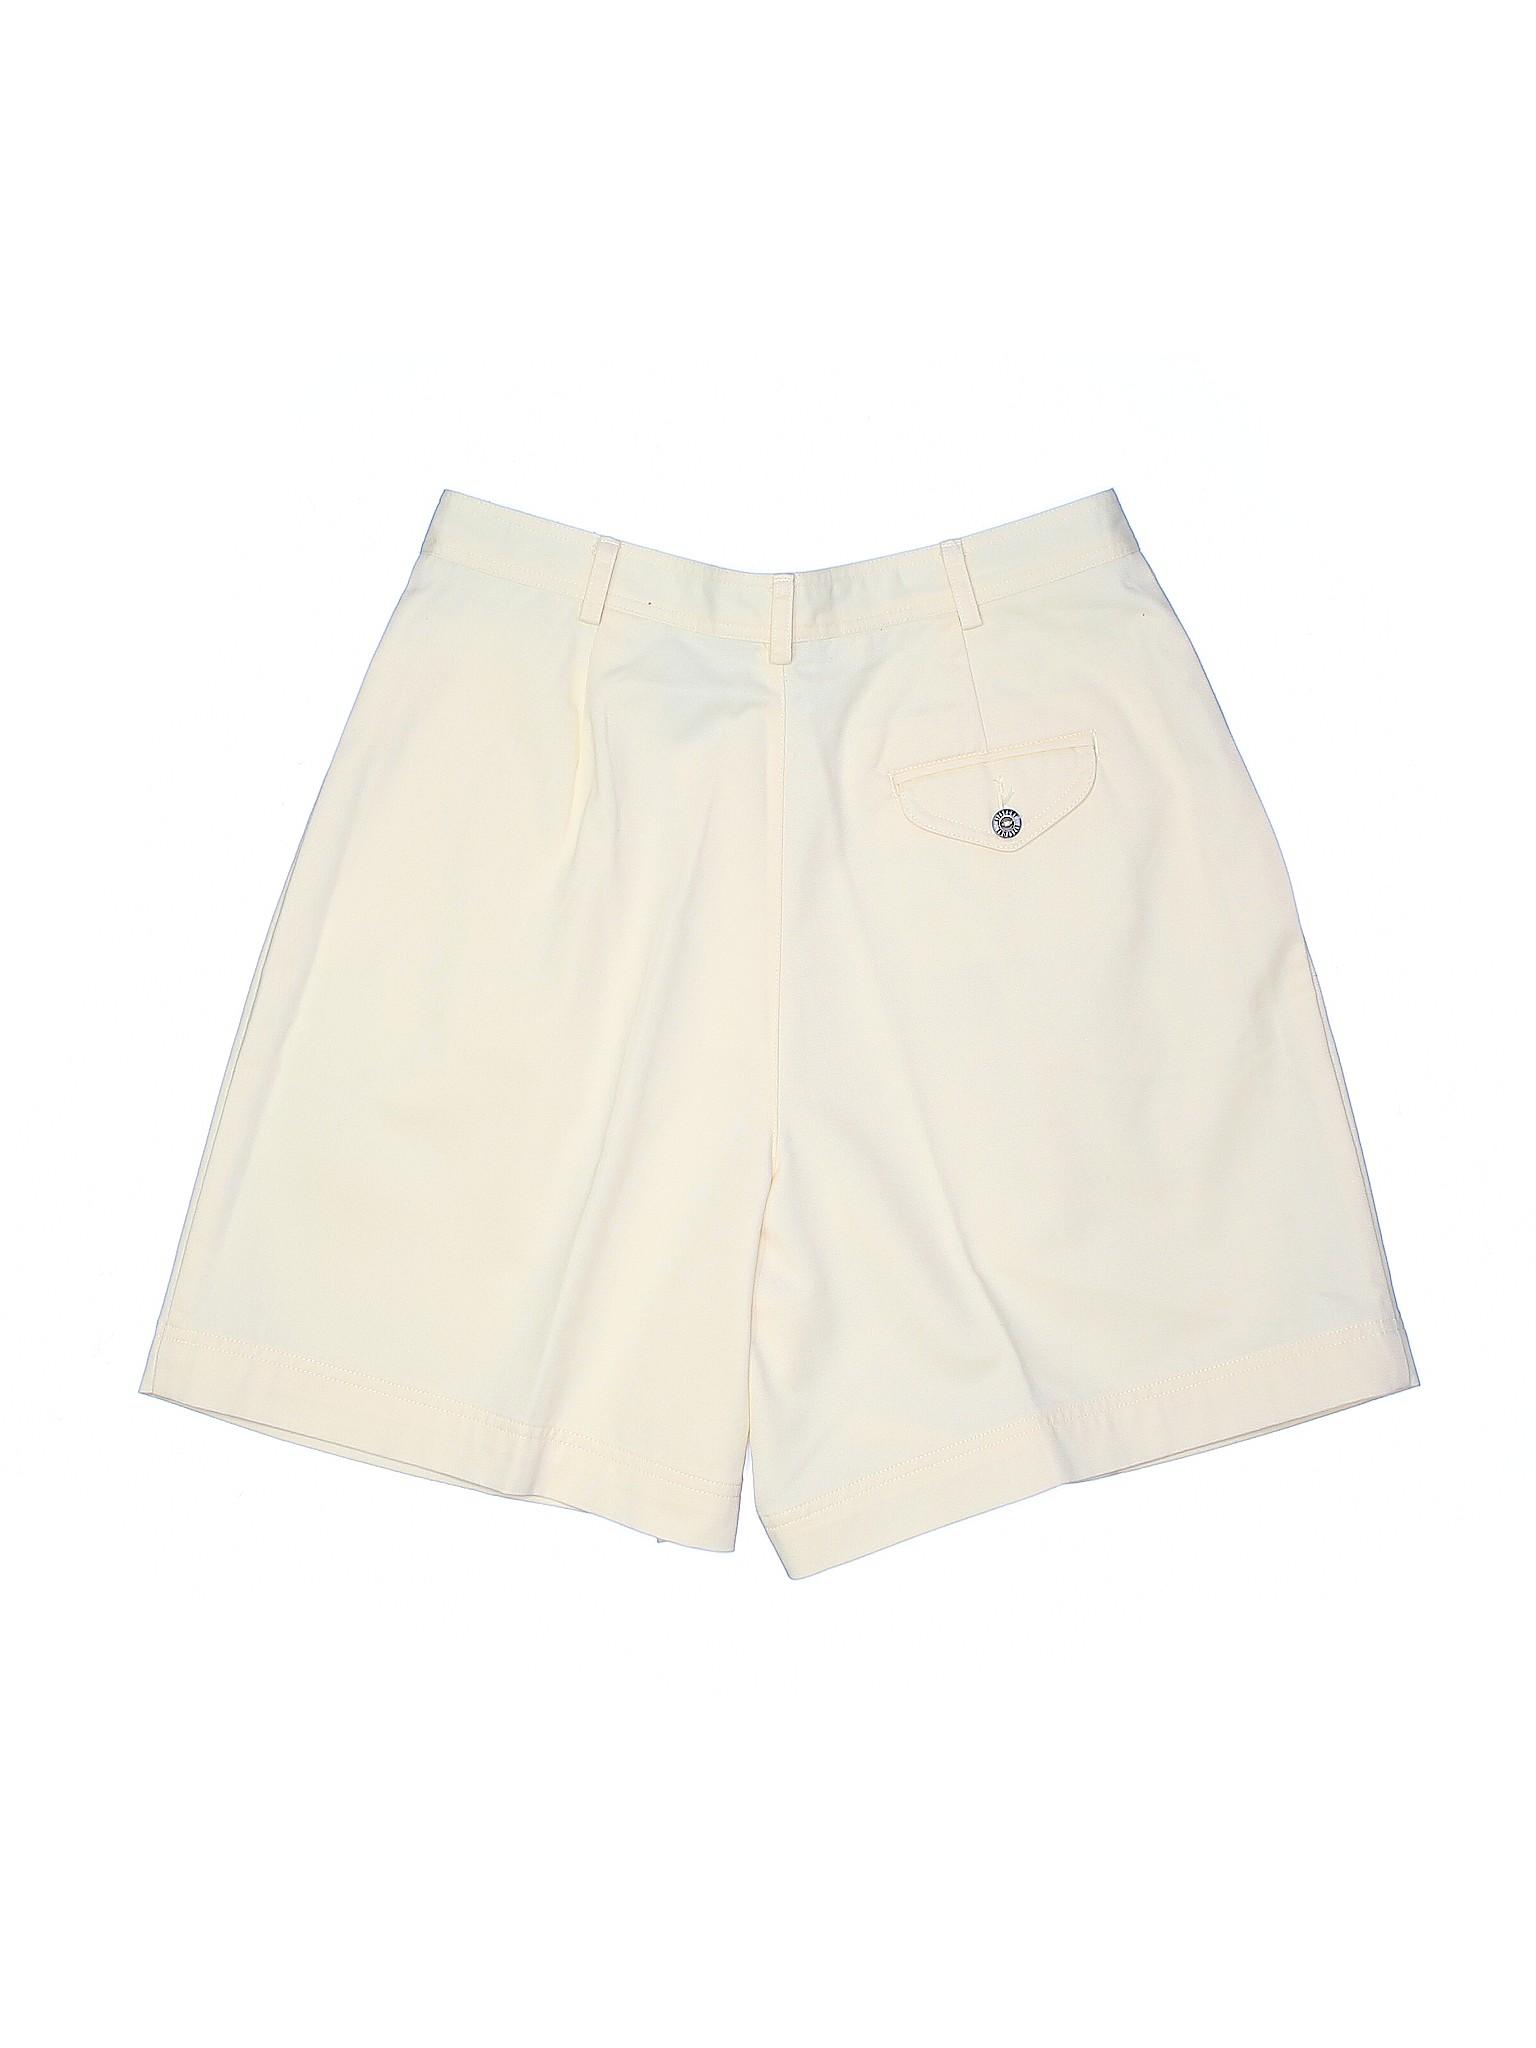 Boutique winter Liz Shorts Boutique Shorts Boutique Claiborne Liz Shorts winter Liz Claiborne winter Boutique Claiborne qB4PAx